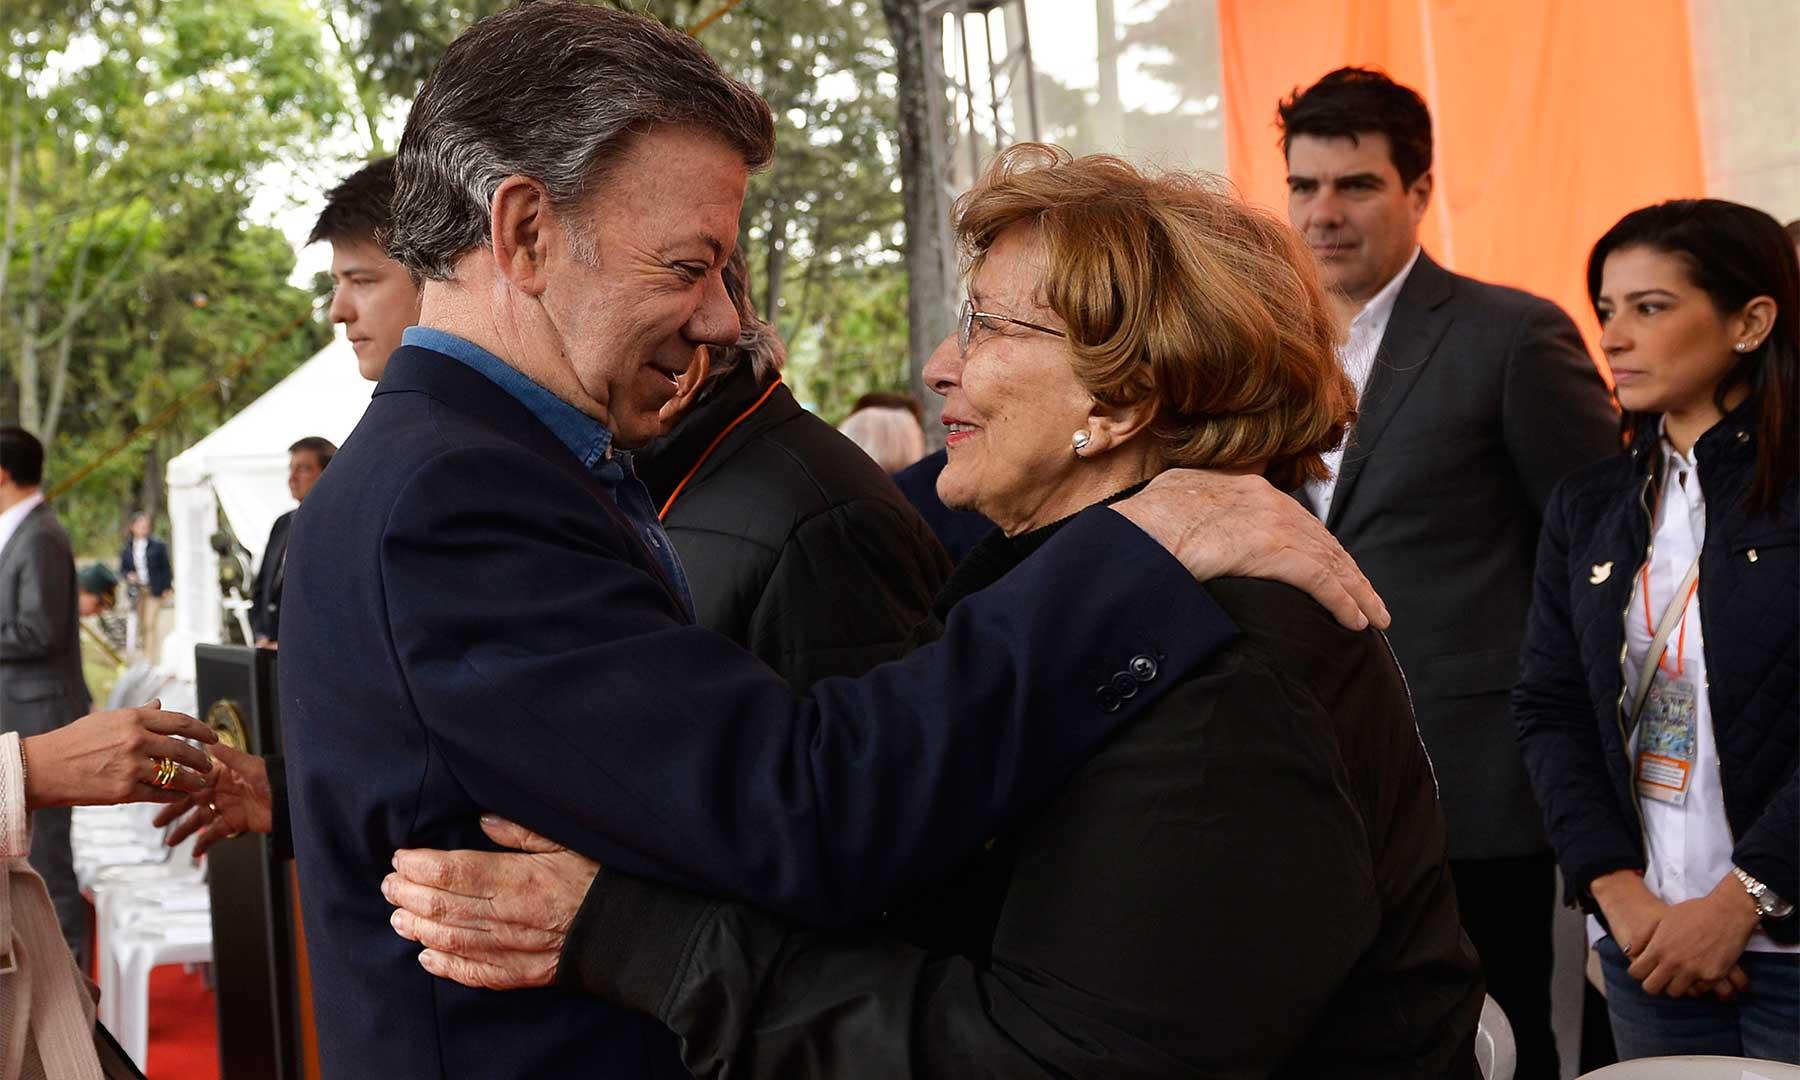 Doña Nydia Quintero de Balcázar, hasta este domingo directora de la Fundación Solidaridad por Colombia, le agradeció al Presidente Juan Manuel Santos su trabajo denodado por alcanzar la paz de Colombia.